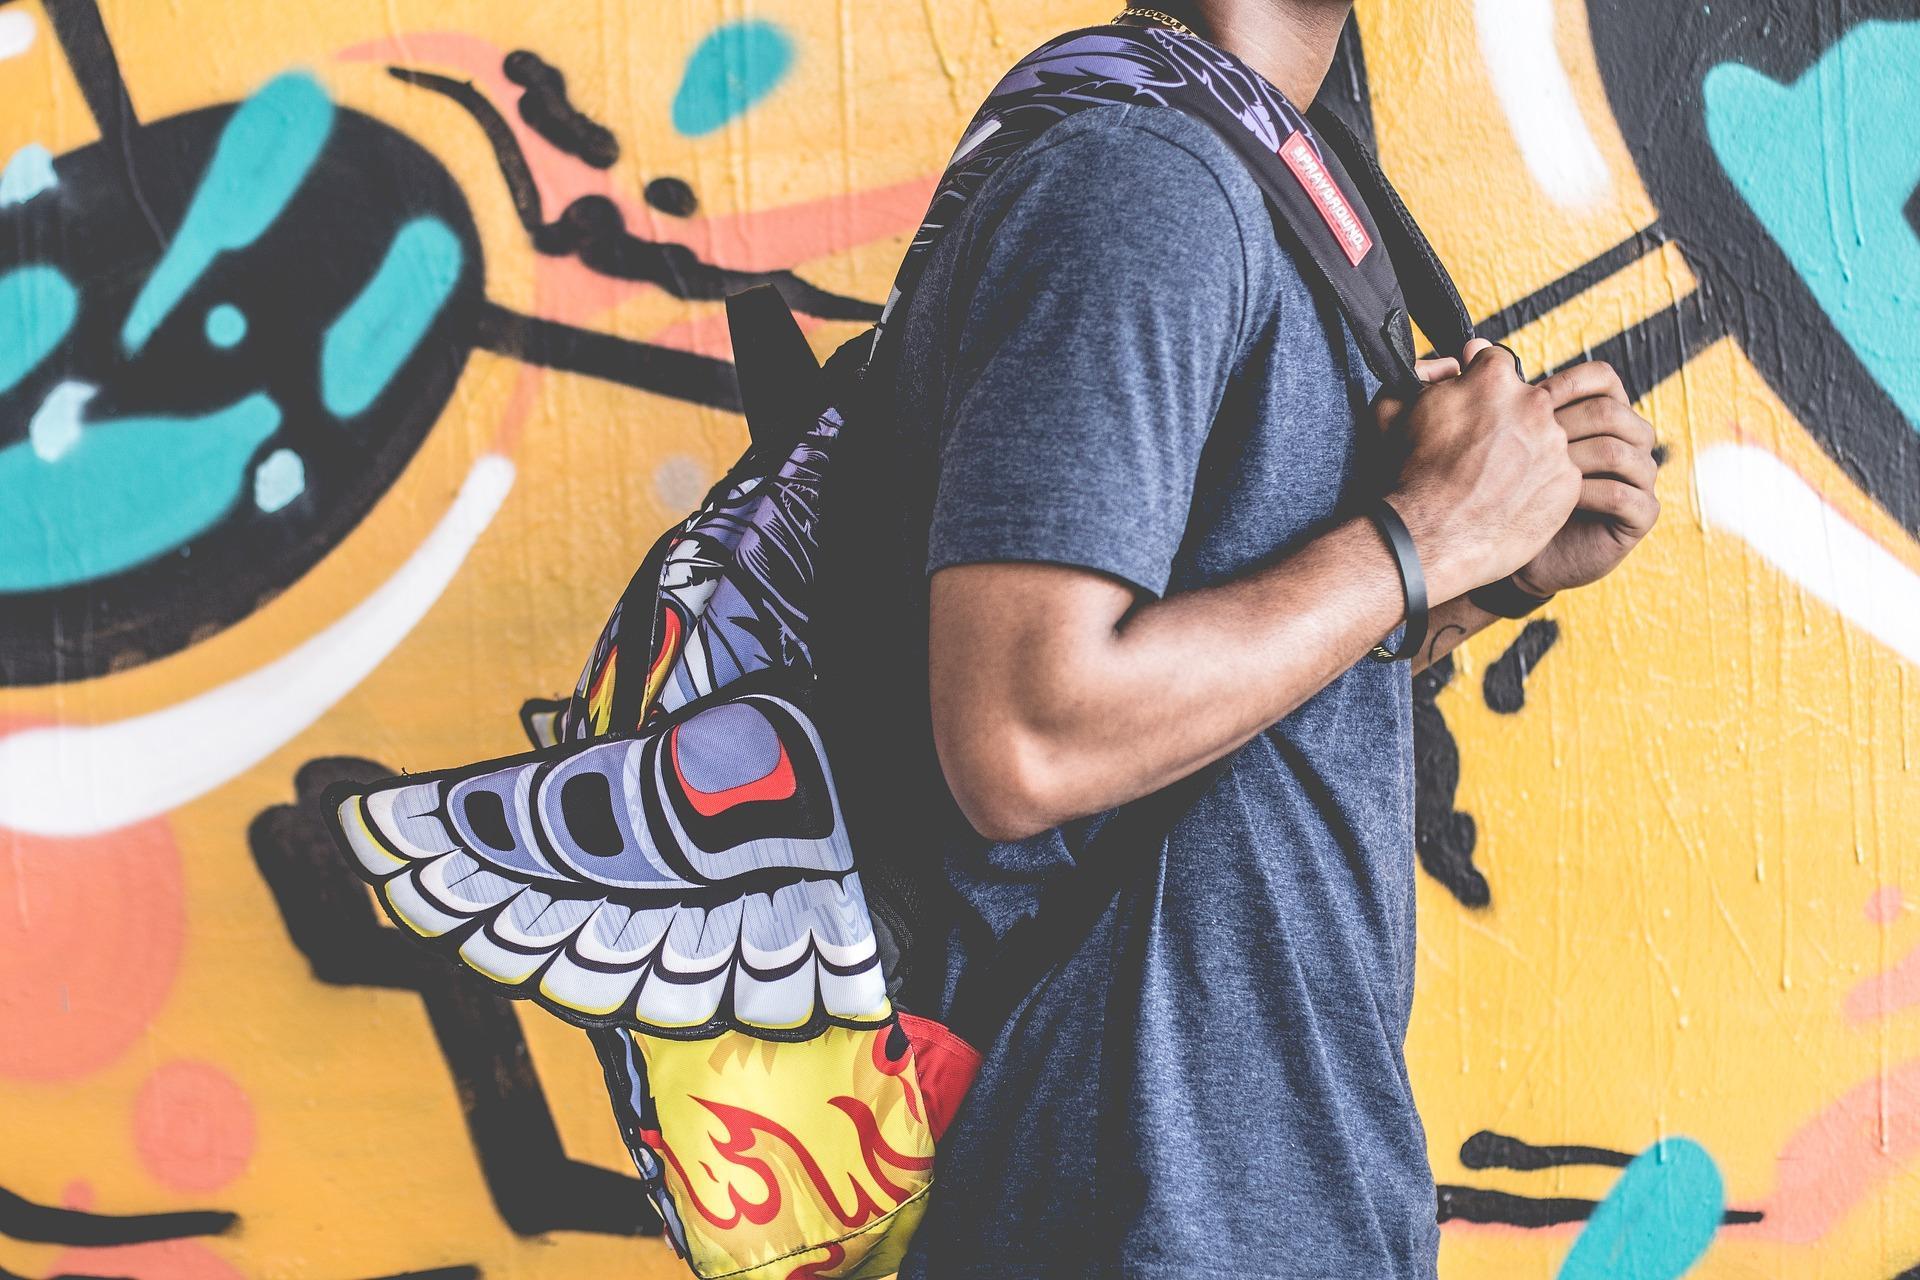 Chico con mochila a la espalda pasando por una pared con graffiti